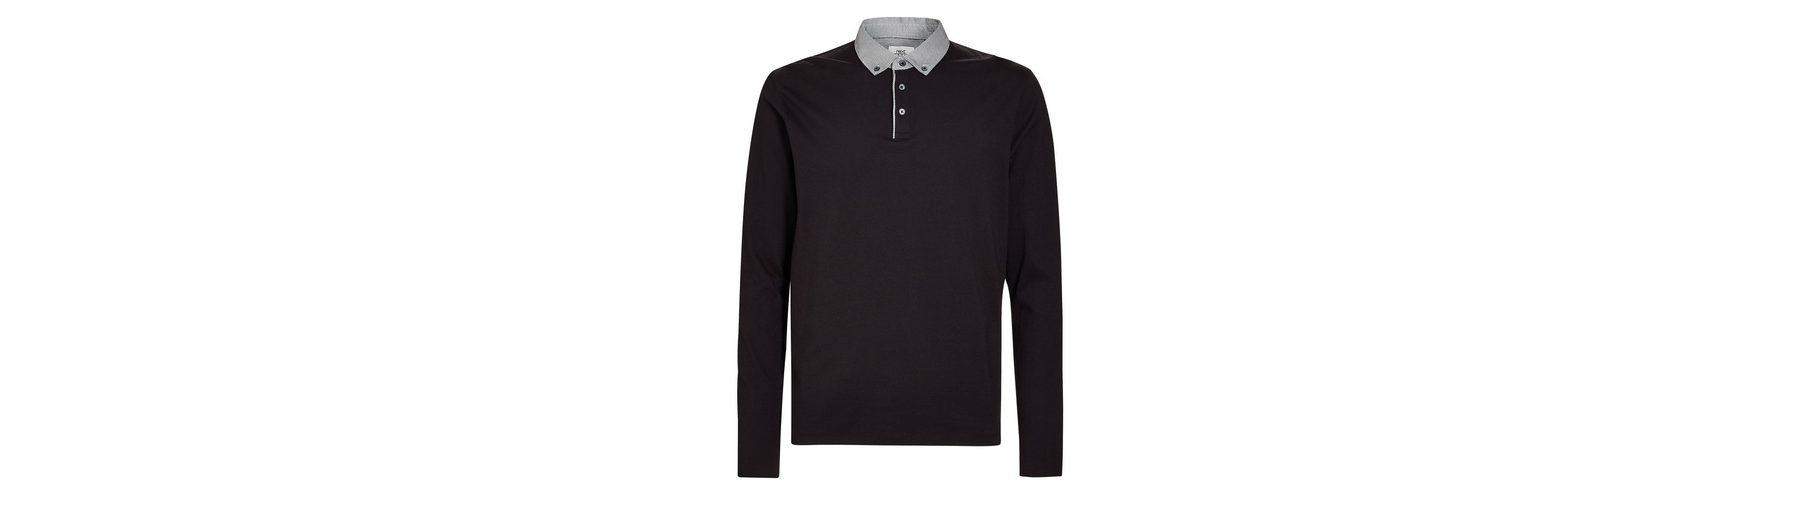 Next Langarmpolohemd mit abgesetztem Kragen Billig Authentische Billig Verkauf Empfehlen Niedrigster Preis Verkauf Online Gutes Verkauf Günstig Online DqDDSmBul